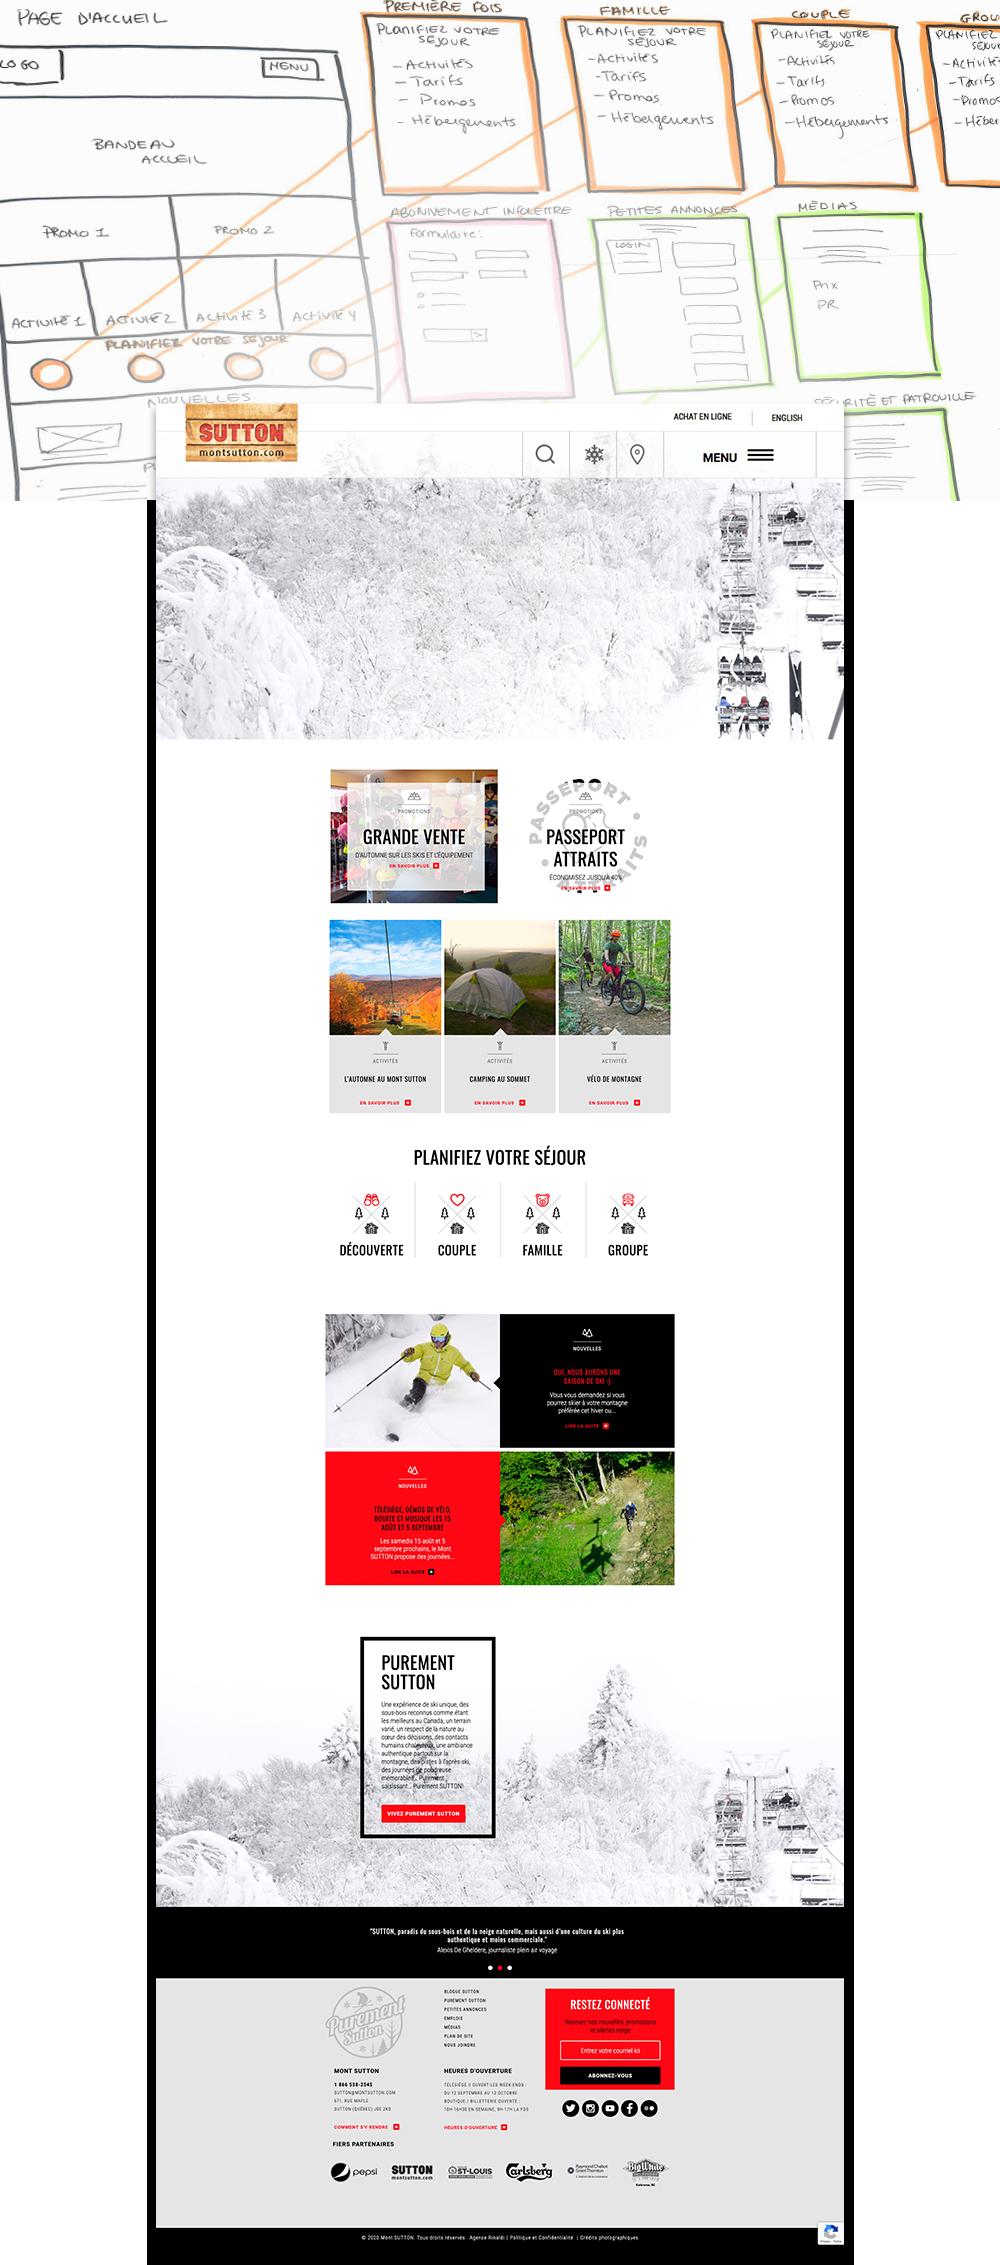 Refonte du site Web du Mont Sutton